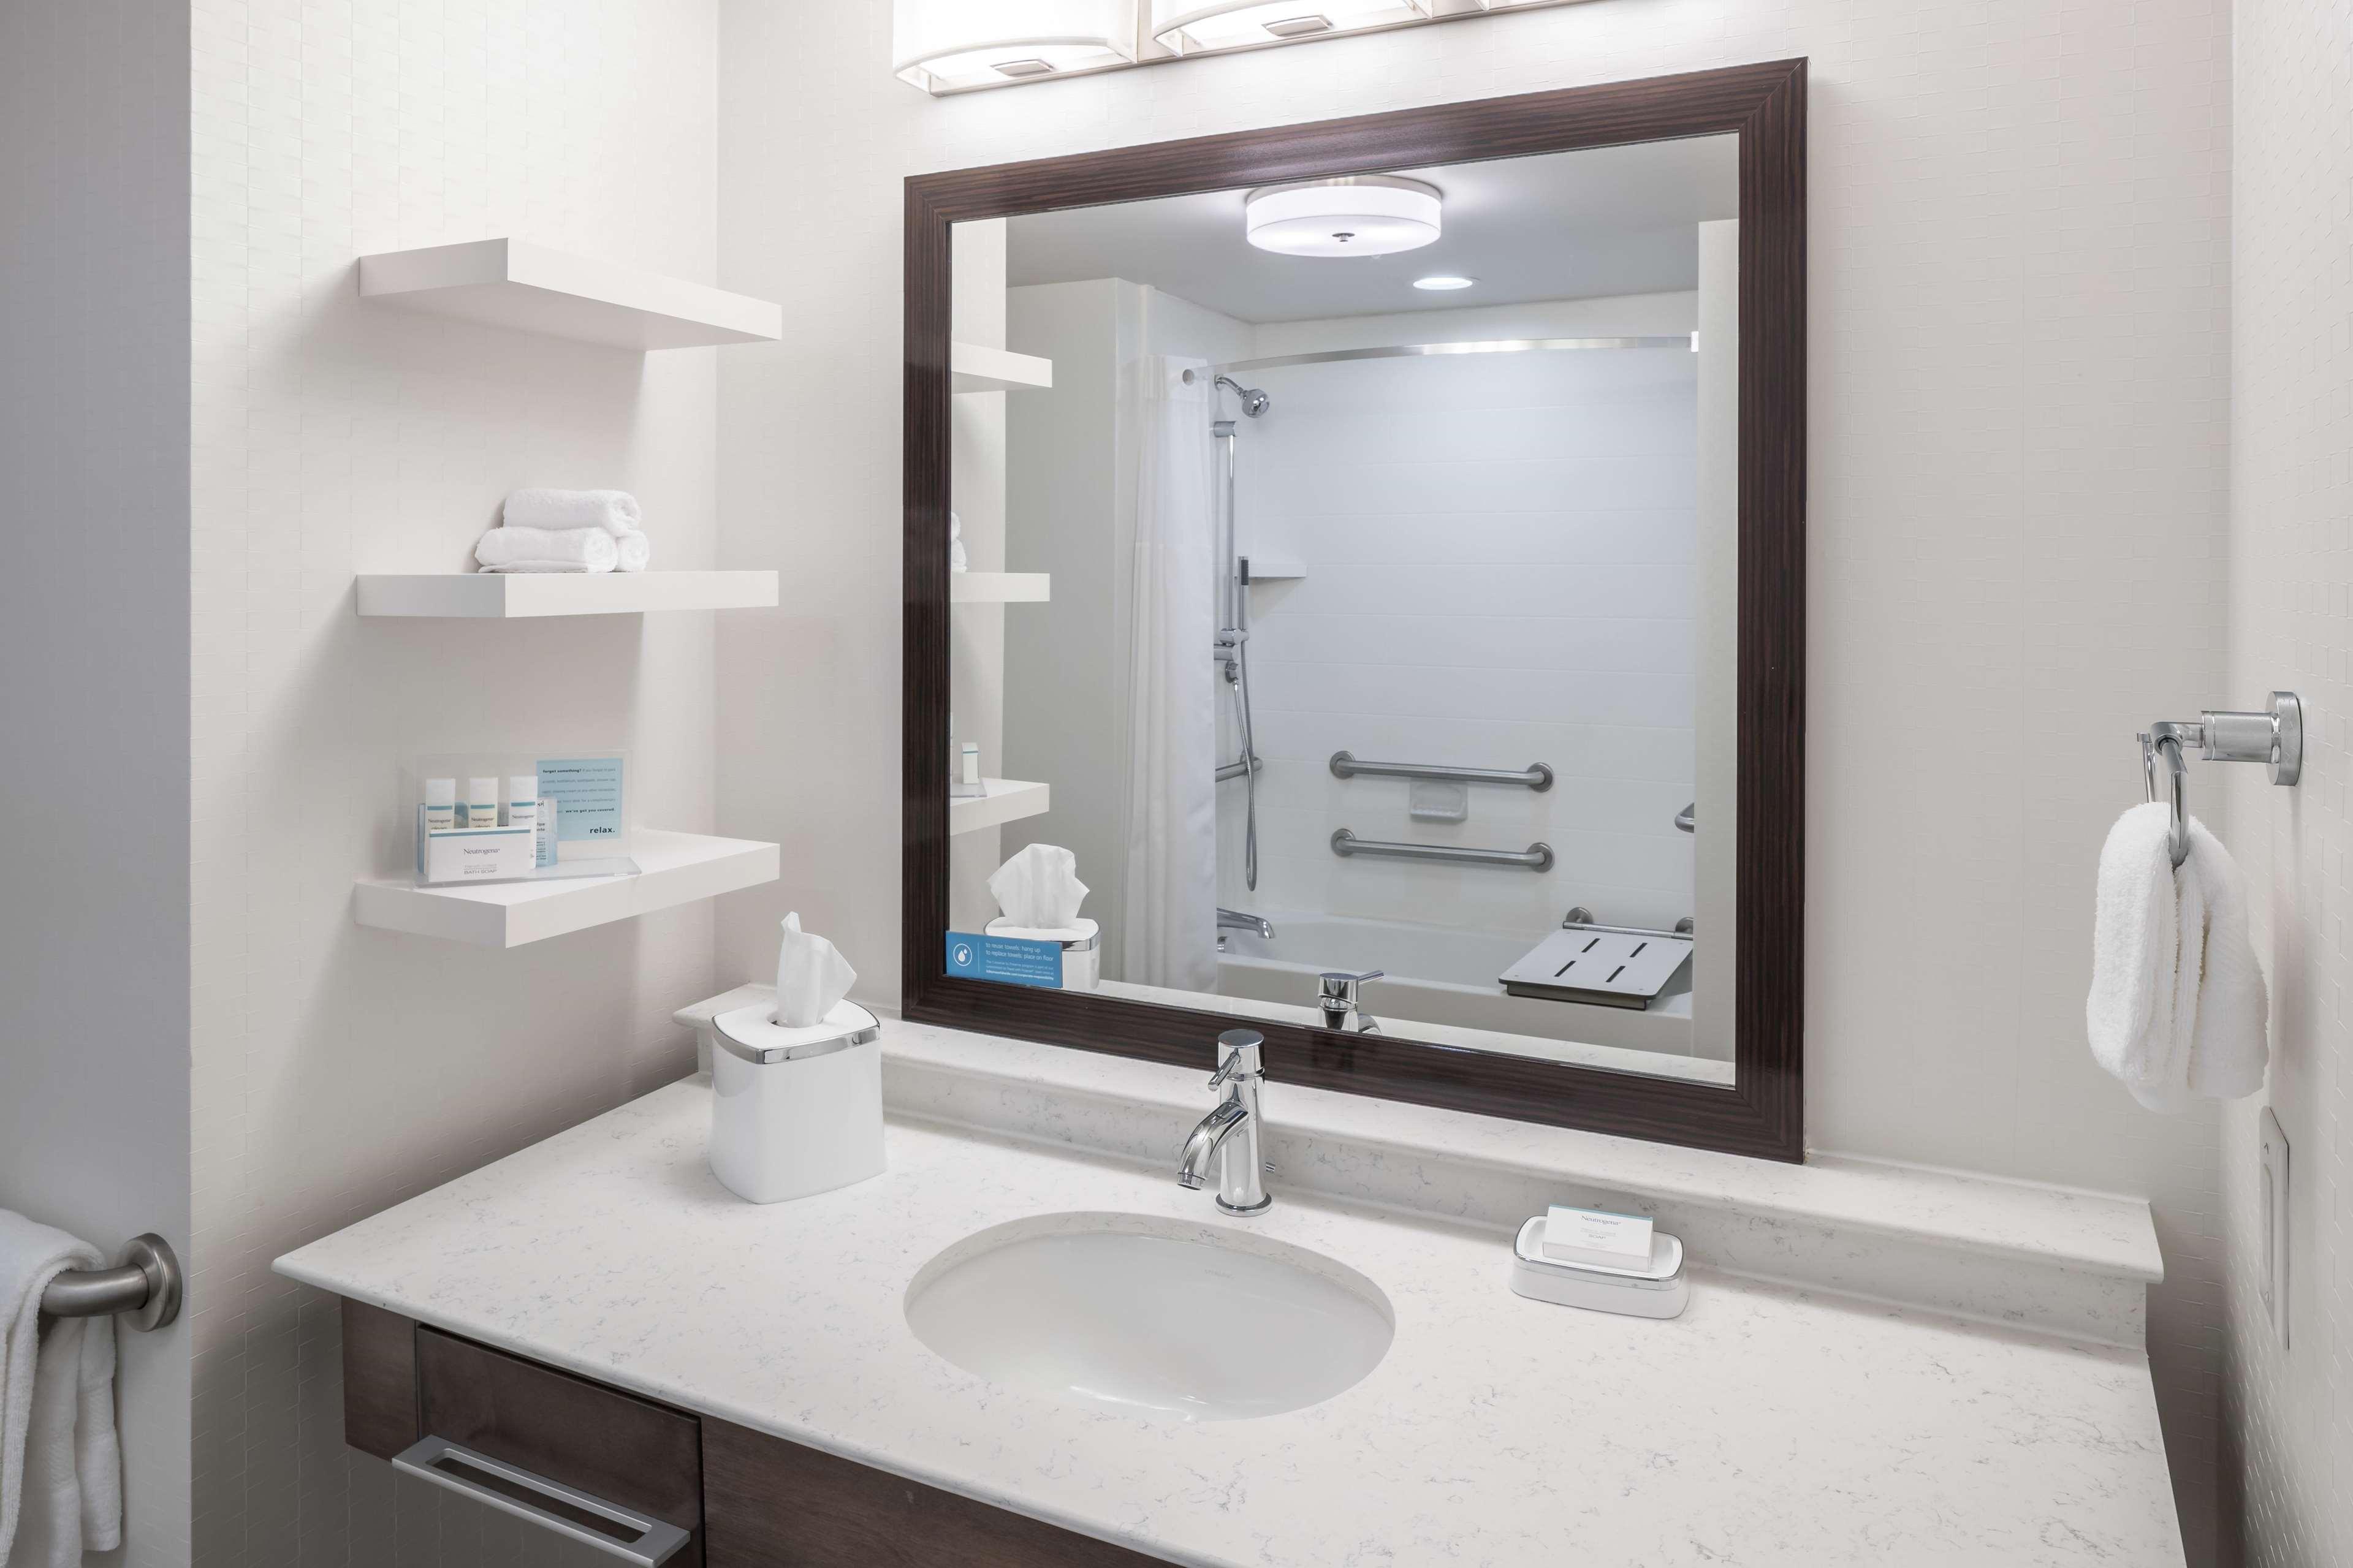 Hampton Inn & Suites by Hilton Atlanta Perimeter Dunwoody image 21